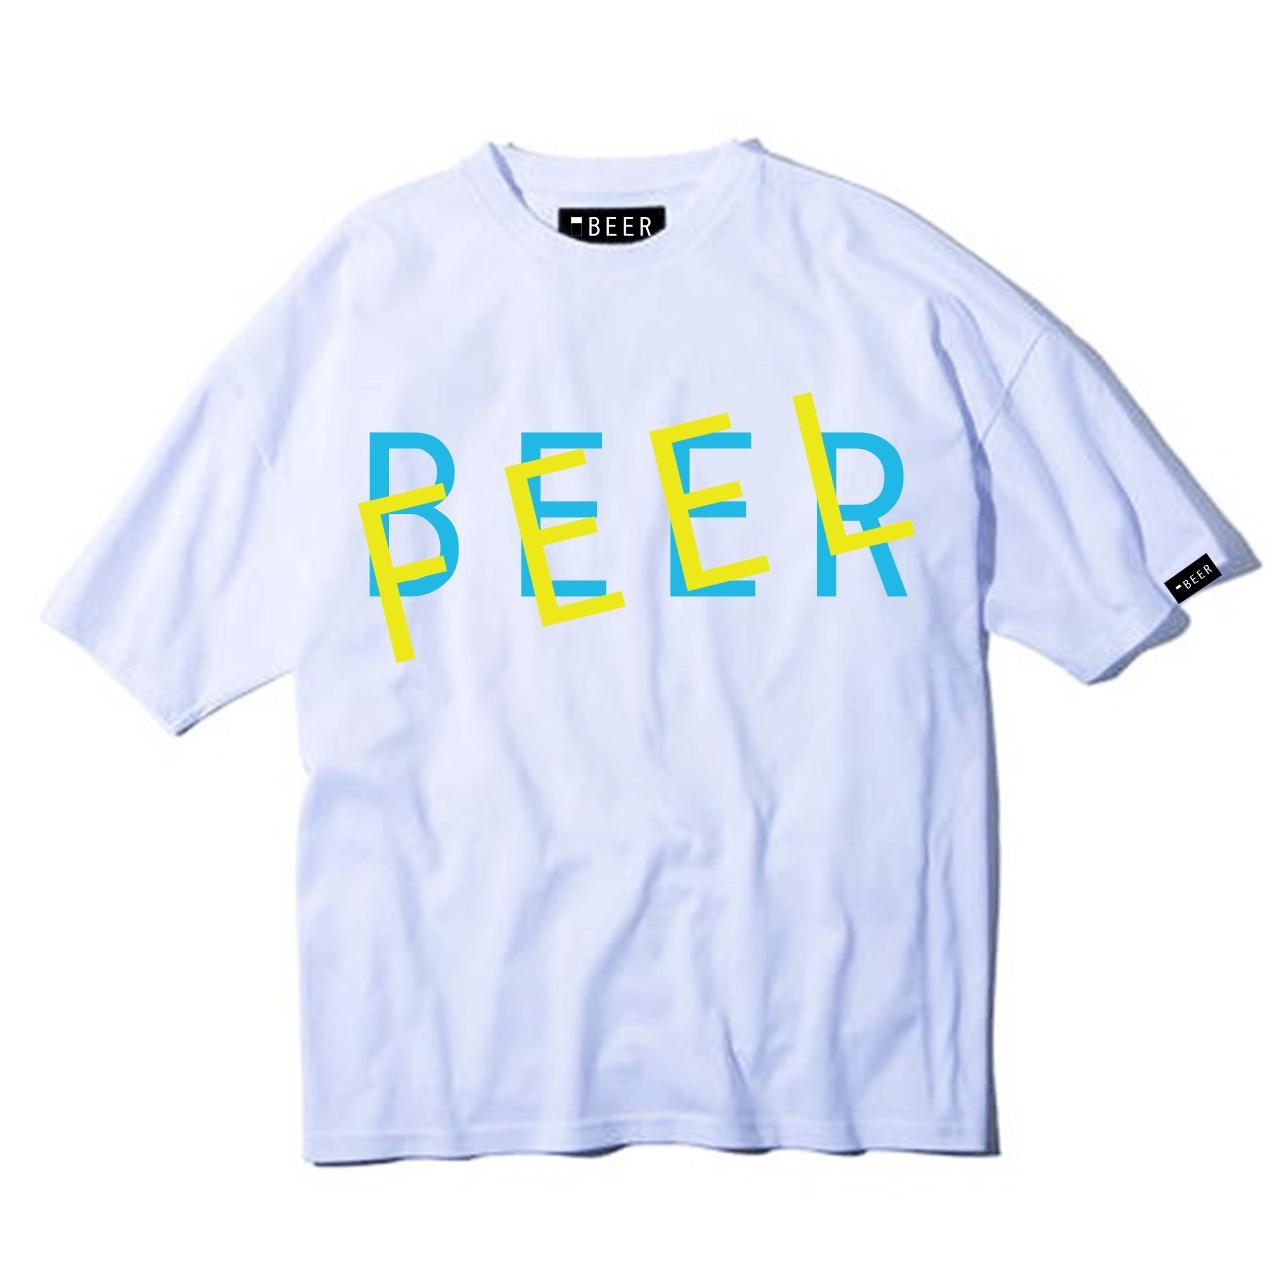 BEER&FEEL T